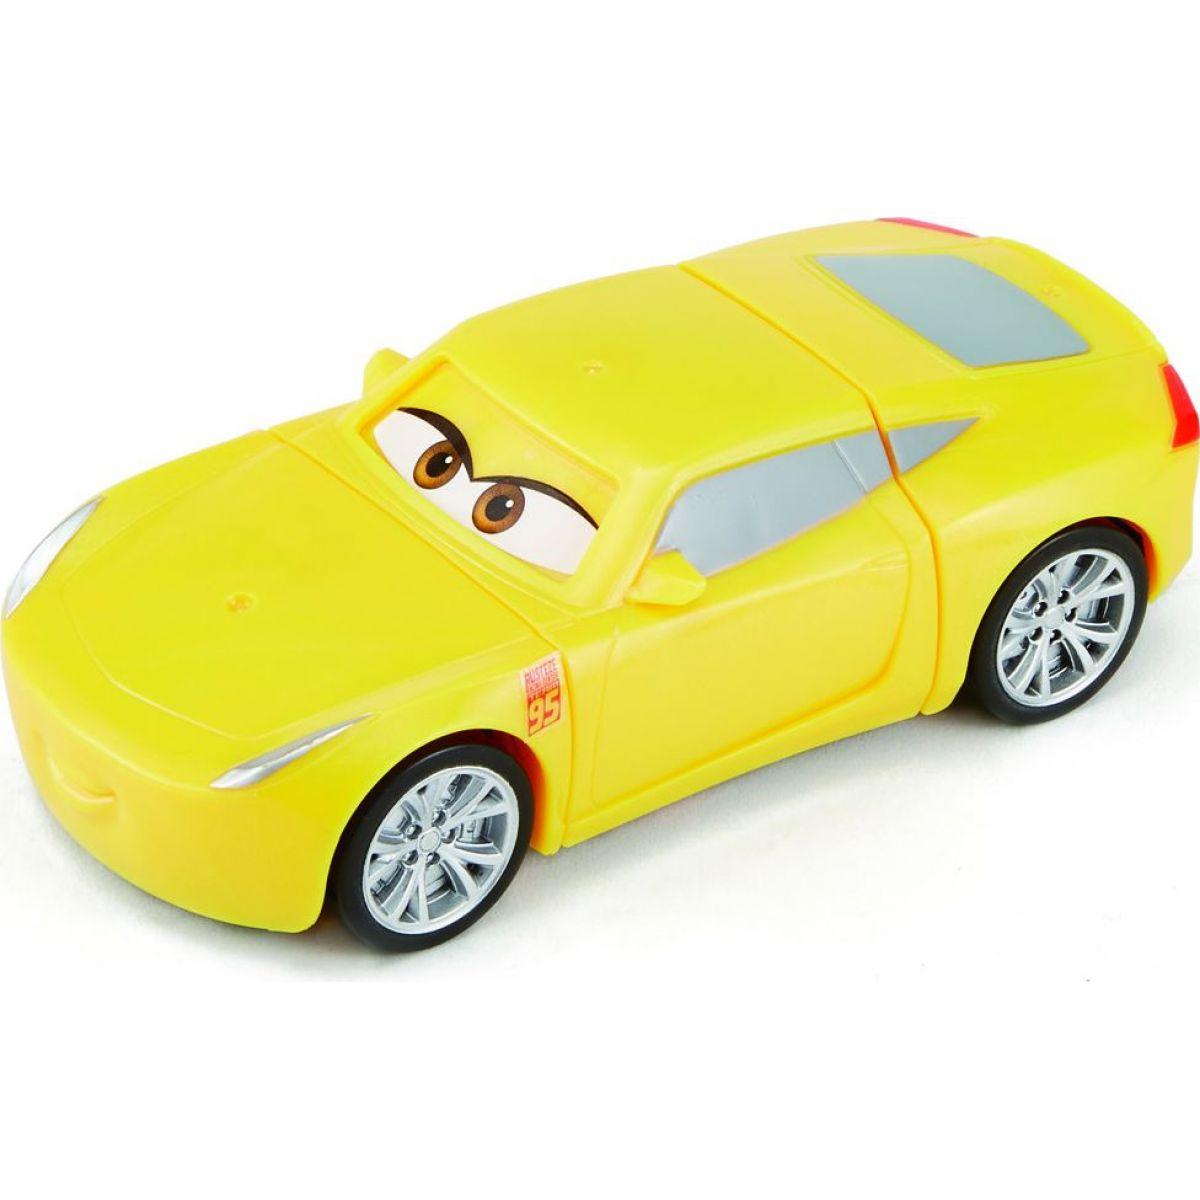 Mattel Cars 3 Búracie autá Cruz Ramirez